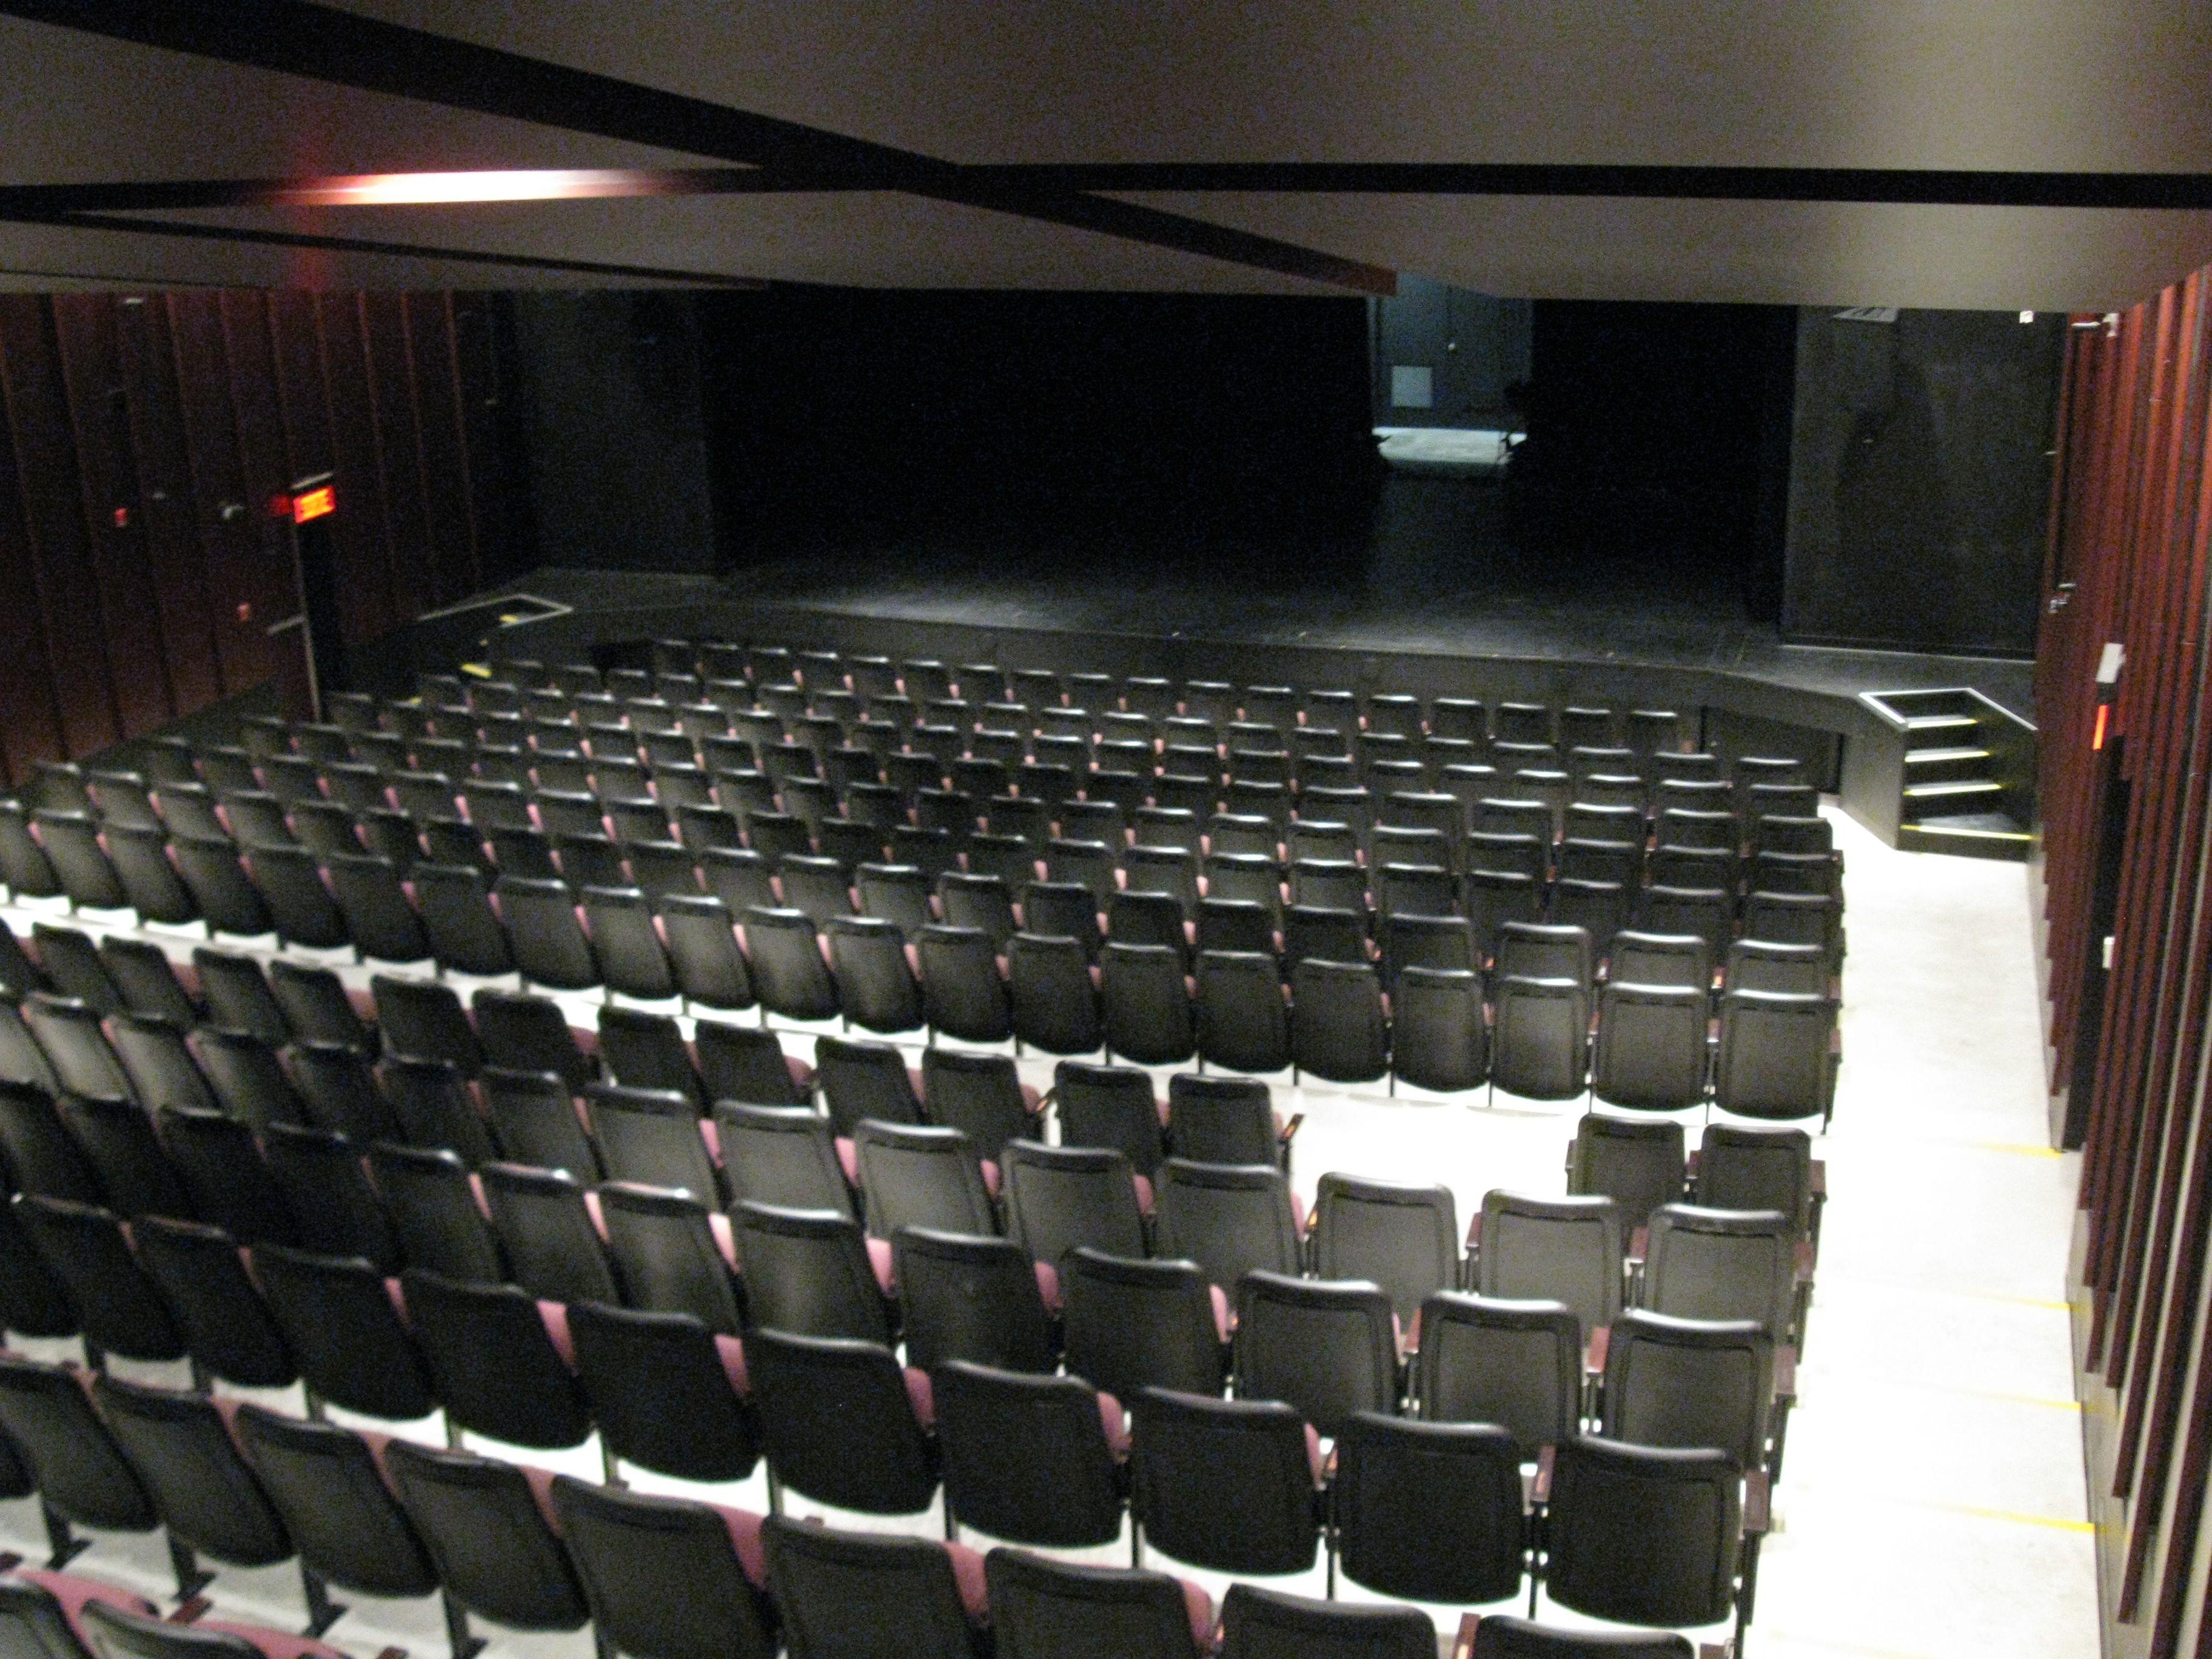 La Salle De Spectacle Du Theatre Belcourt Spectacle Theatre Belcourt Siege Salle Humour Danse Chant Musique Baied Audio Mixer Music Instruments Mixer